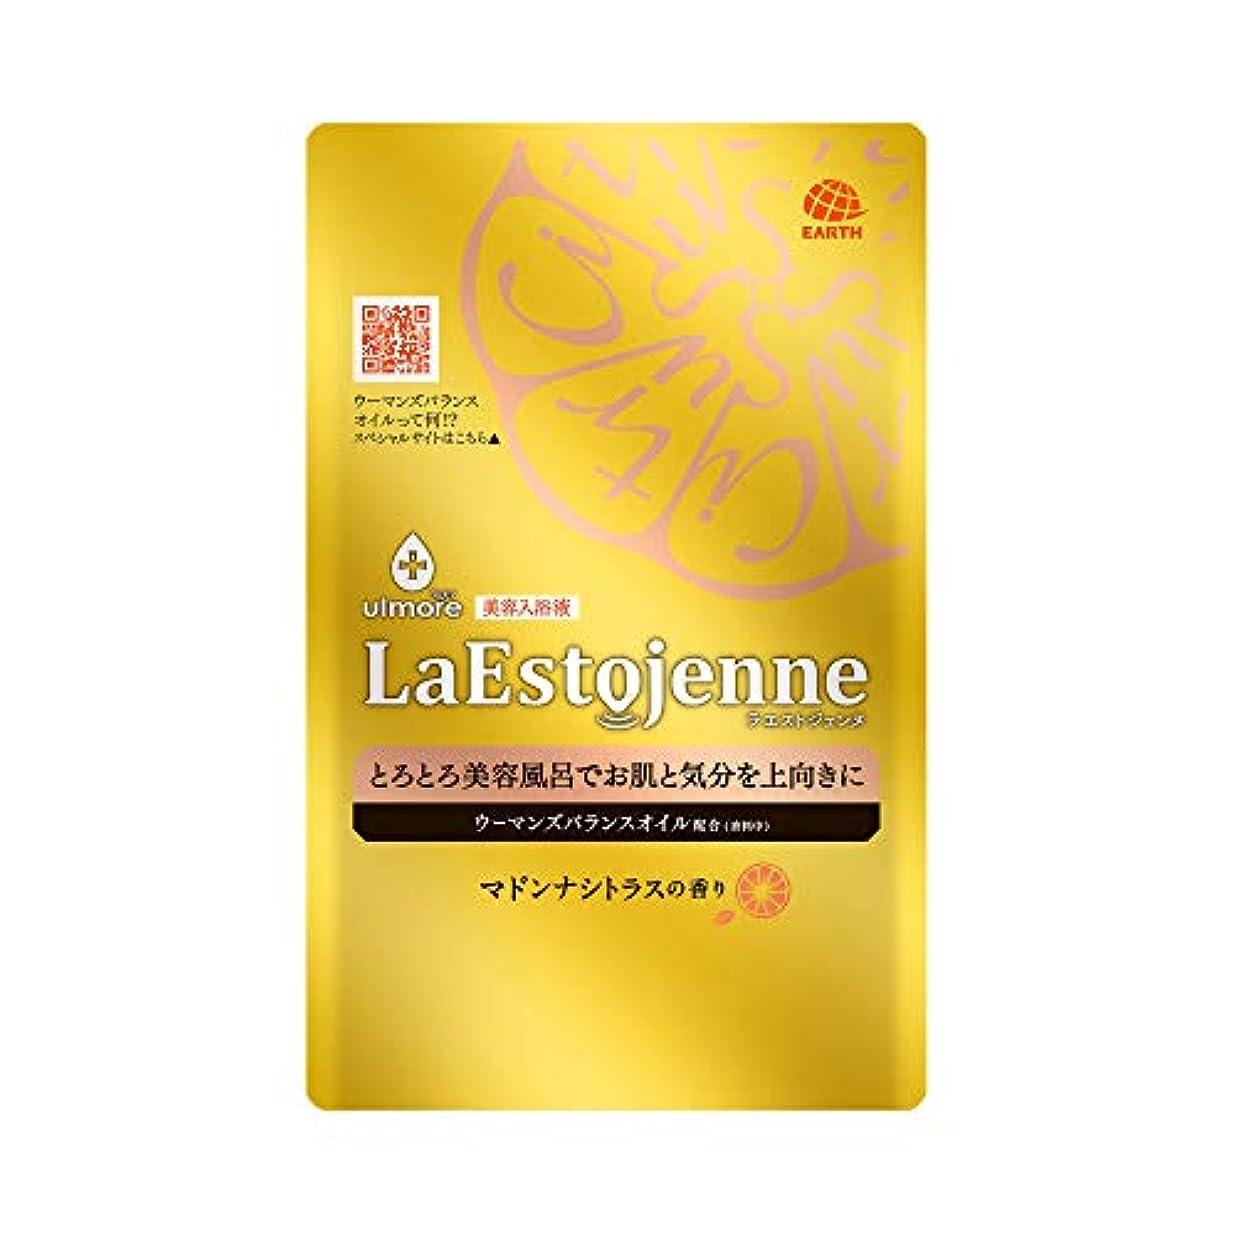 ベット粒アーチウルモア ラエストジェンヌ 入浴剤 マドンナシトラスの香り [160ml x 1包入り]